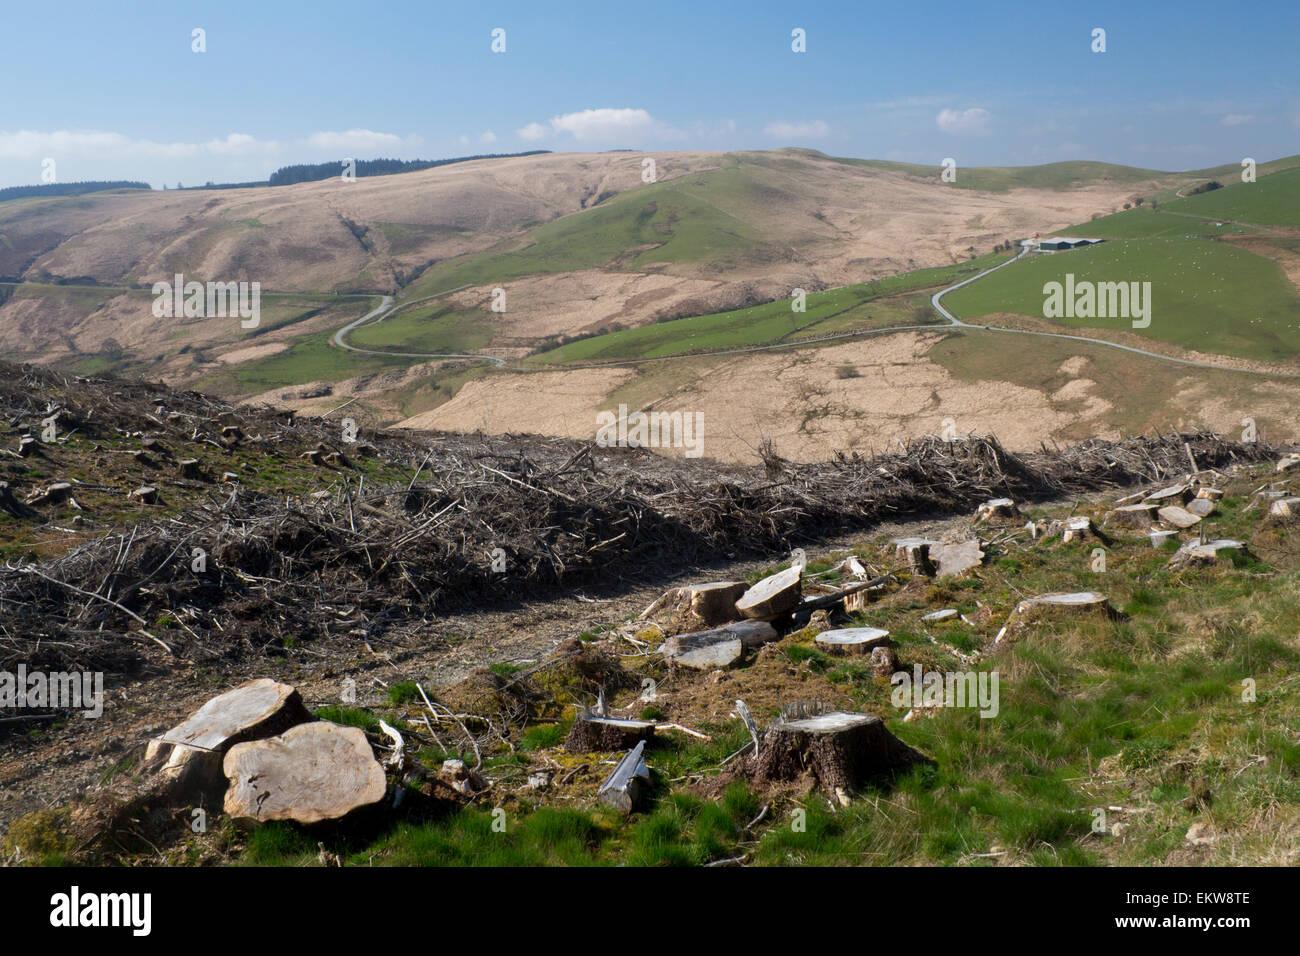 La deforestazione in remoto di Welsh campagna nelle vicinanze Llyn Brianne Ceredigion Mid Wales UK Immagini Stock